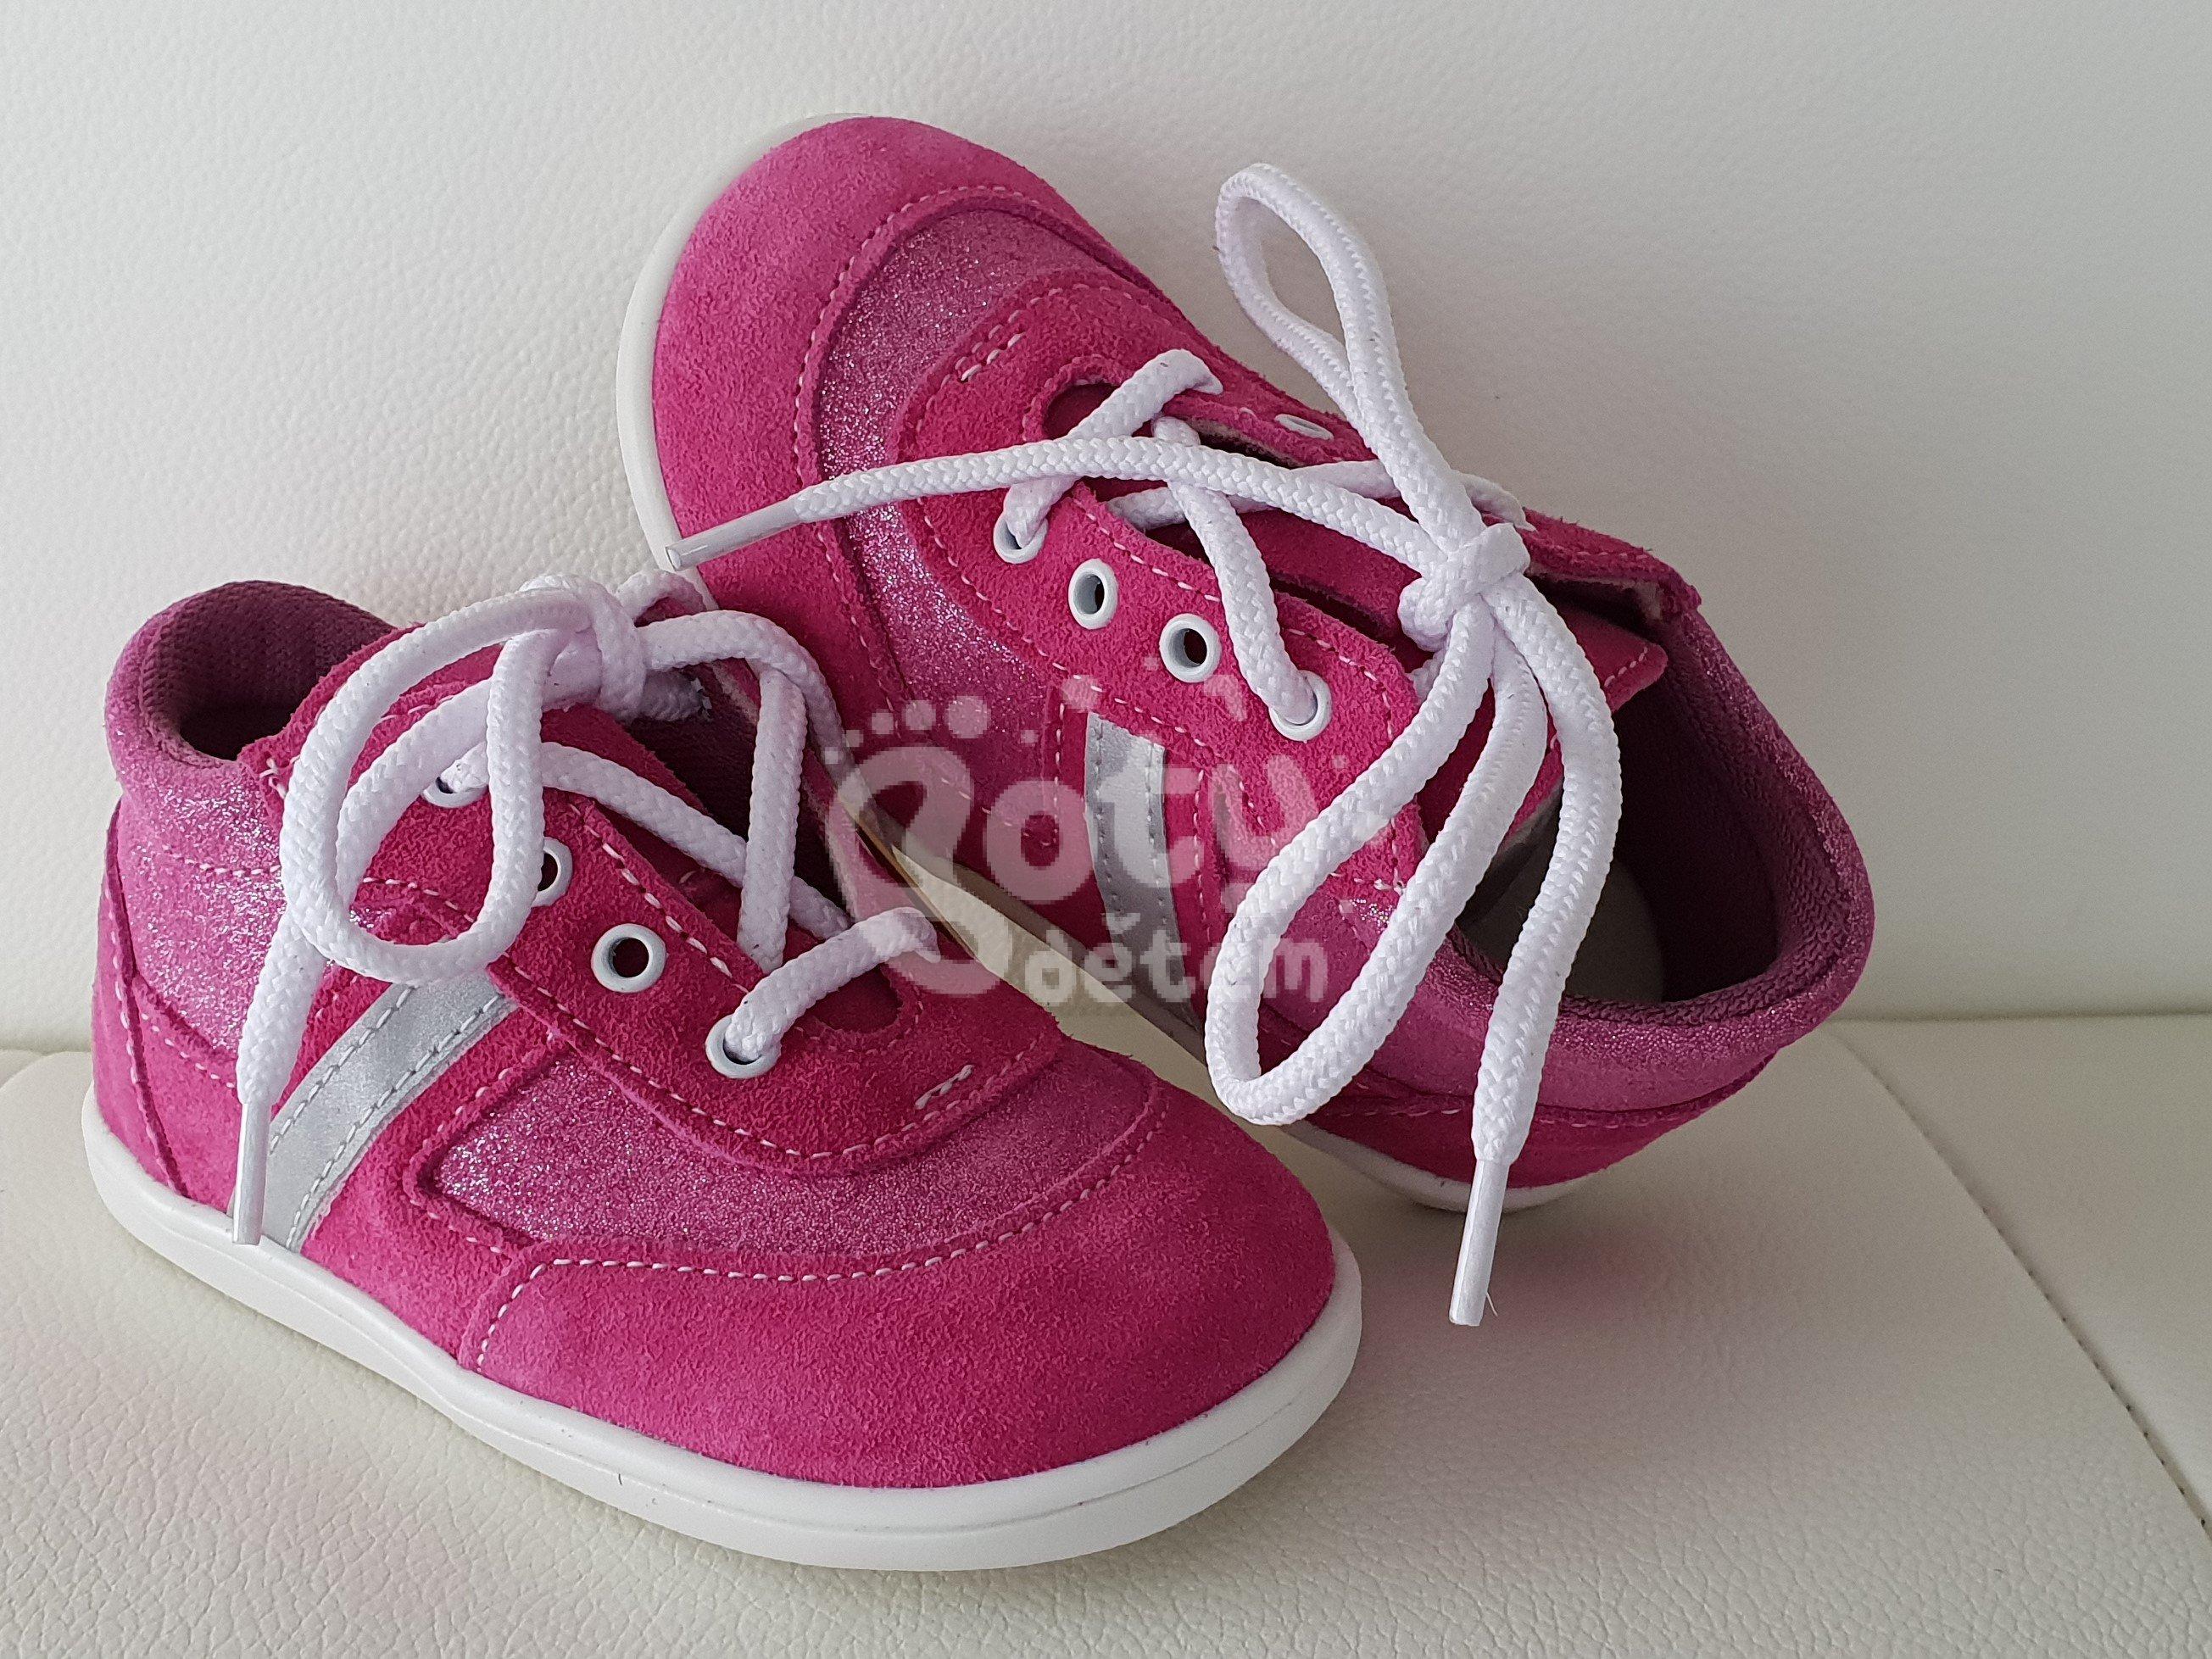 Celoroční kožená obuv Jonap 051 light růžová třpyt - v nabídce ... 5344bb6ff0